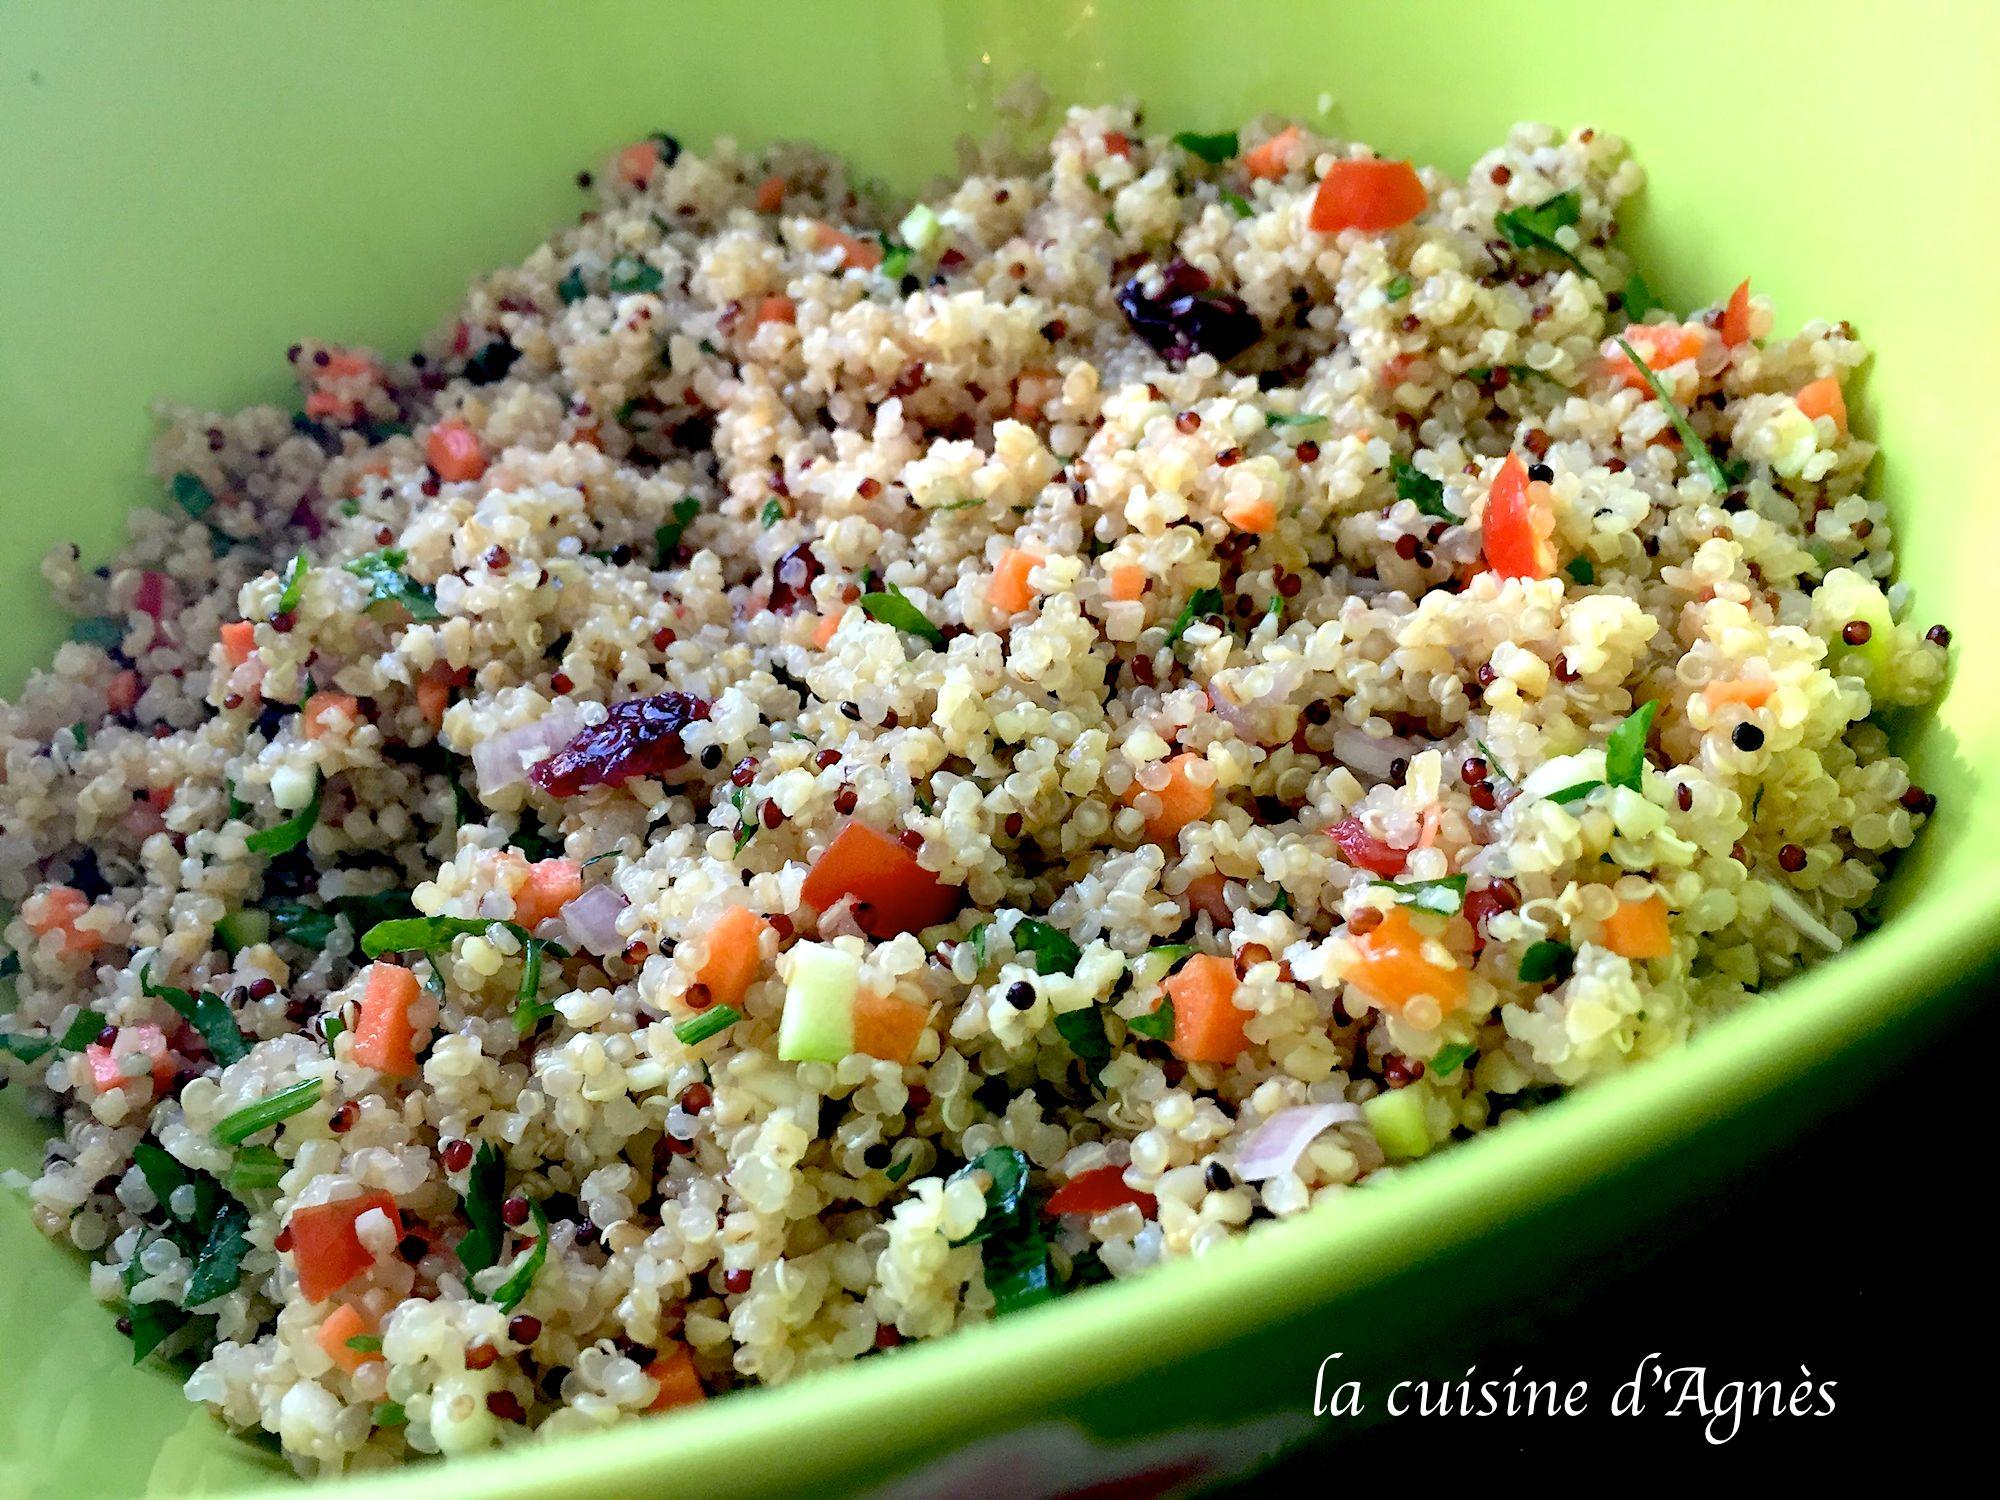 Top salade de quinoa et boulgour • La cuisine d'agnèsLa cuisine d'agnès TM84